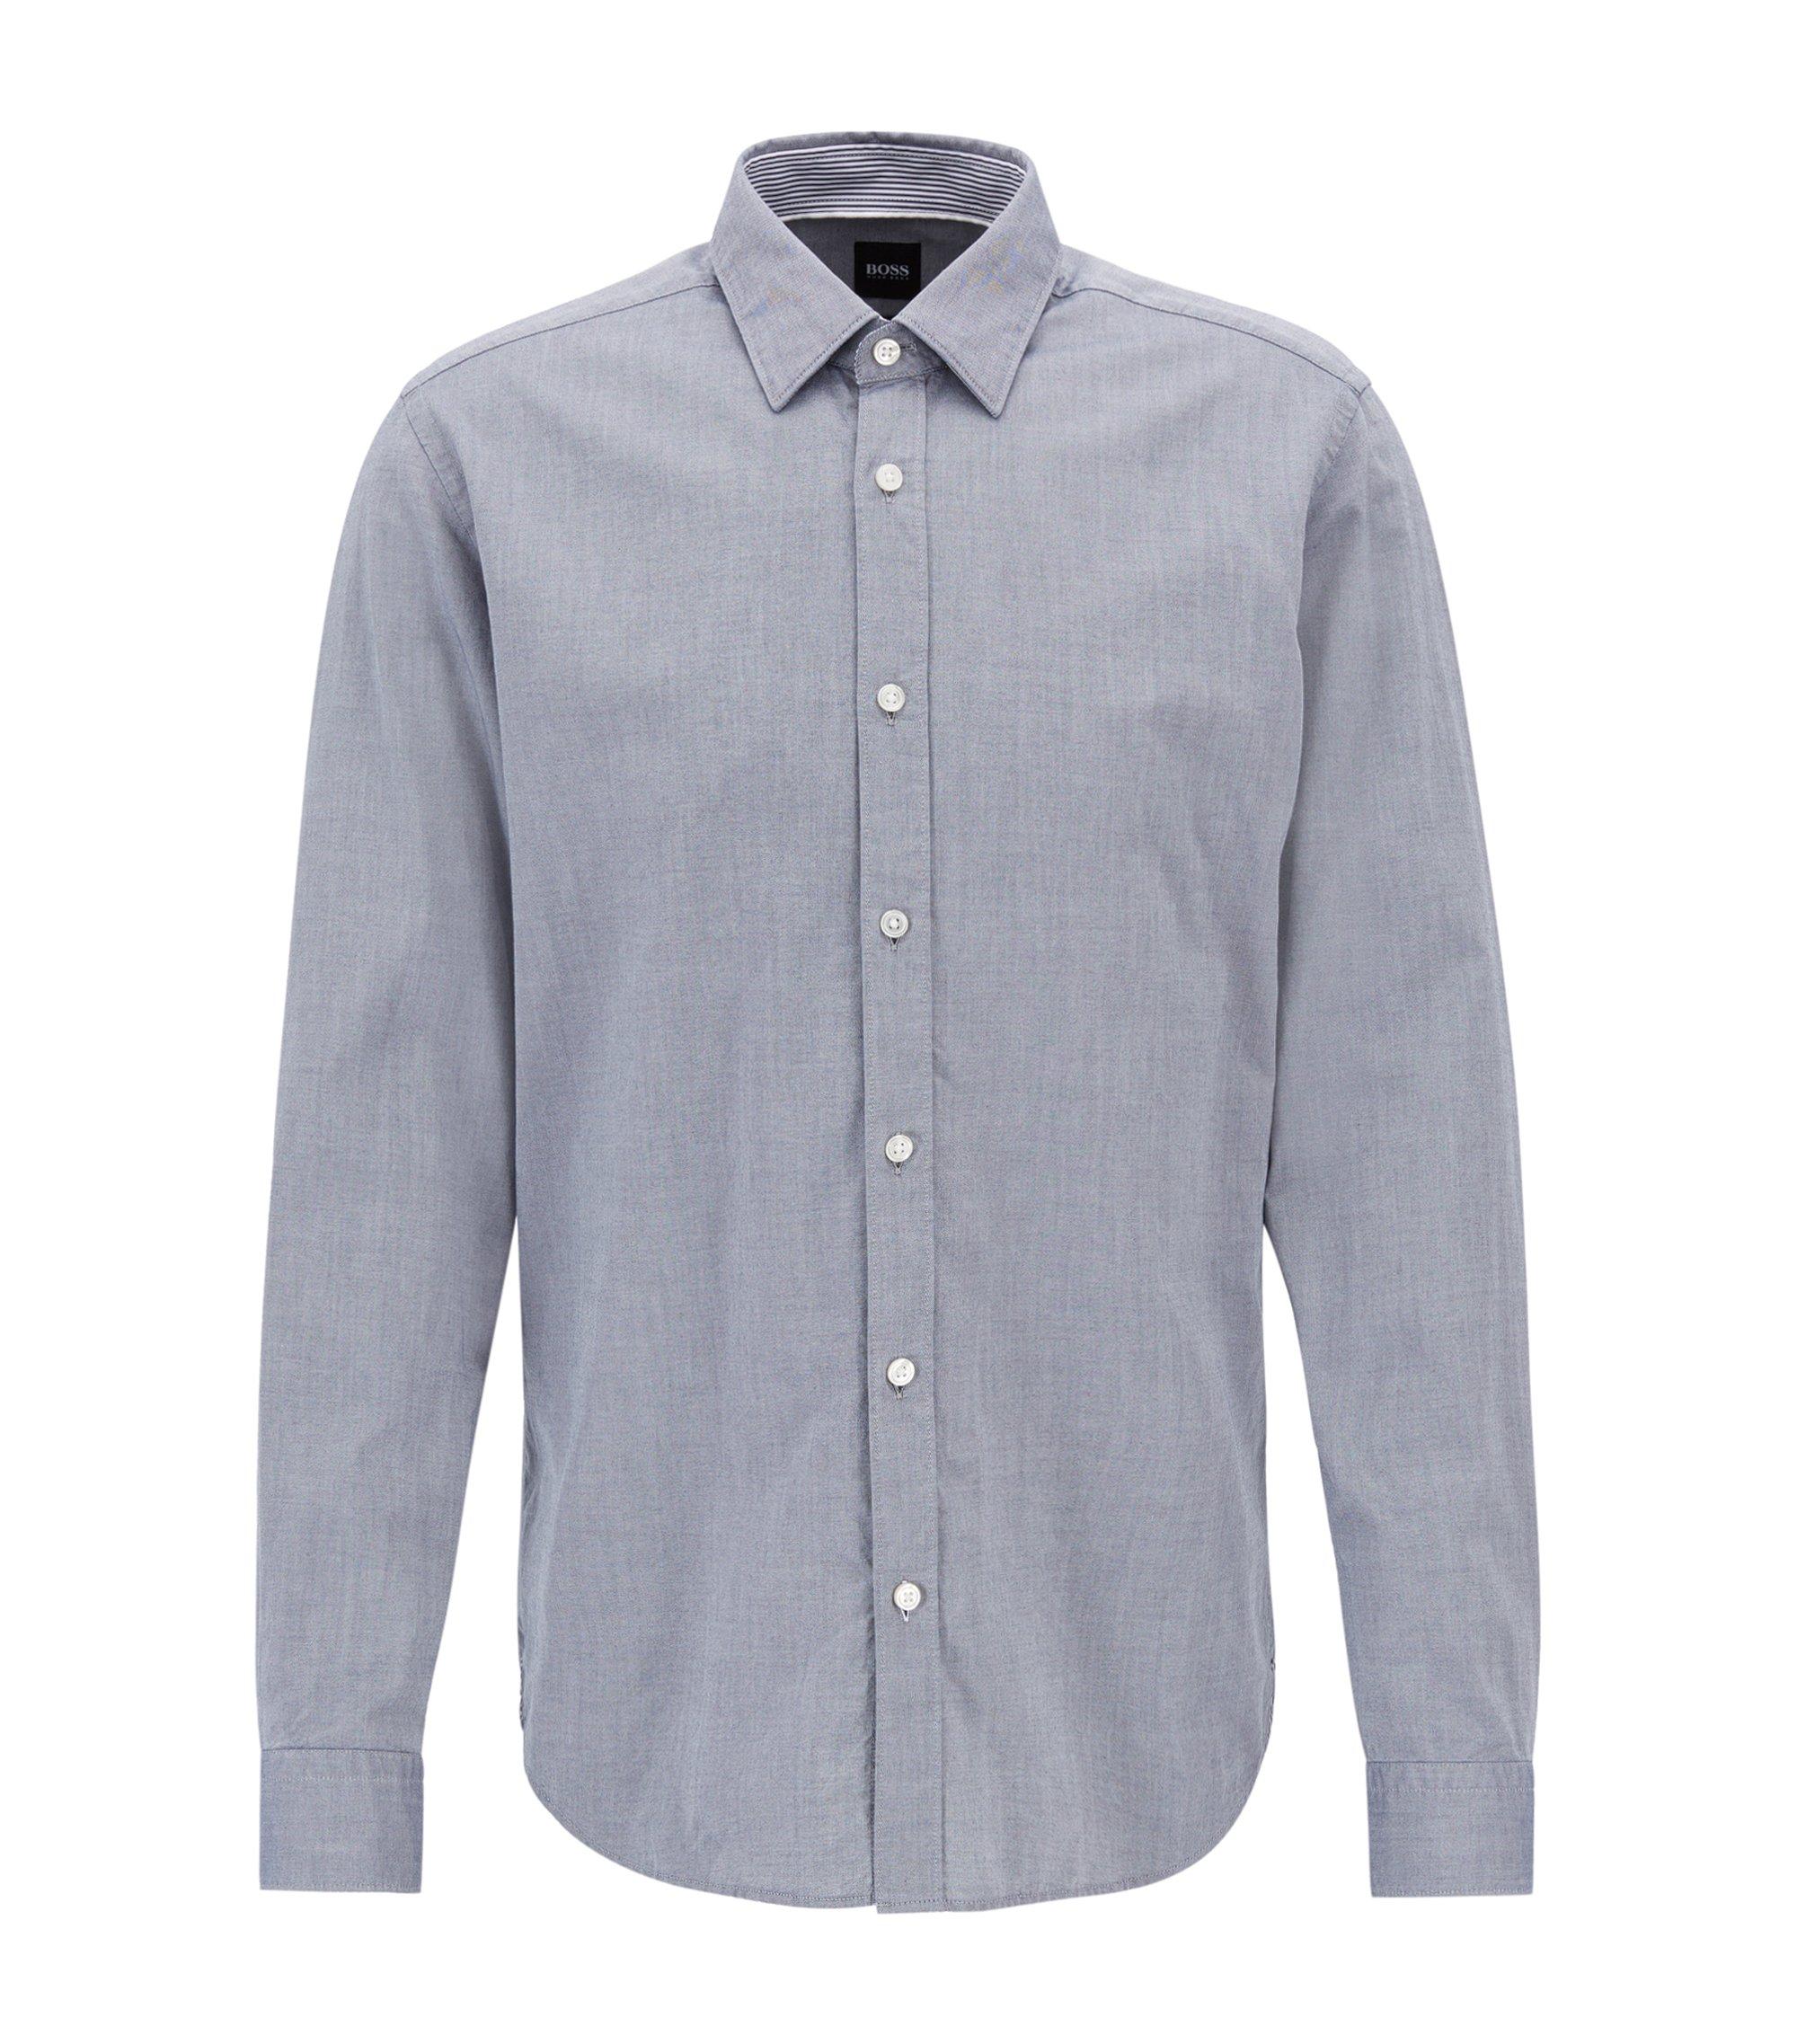 Chemise Oxford Slim Fit en coton mercerisé, Bleu foncé